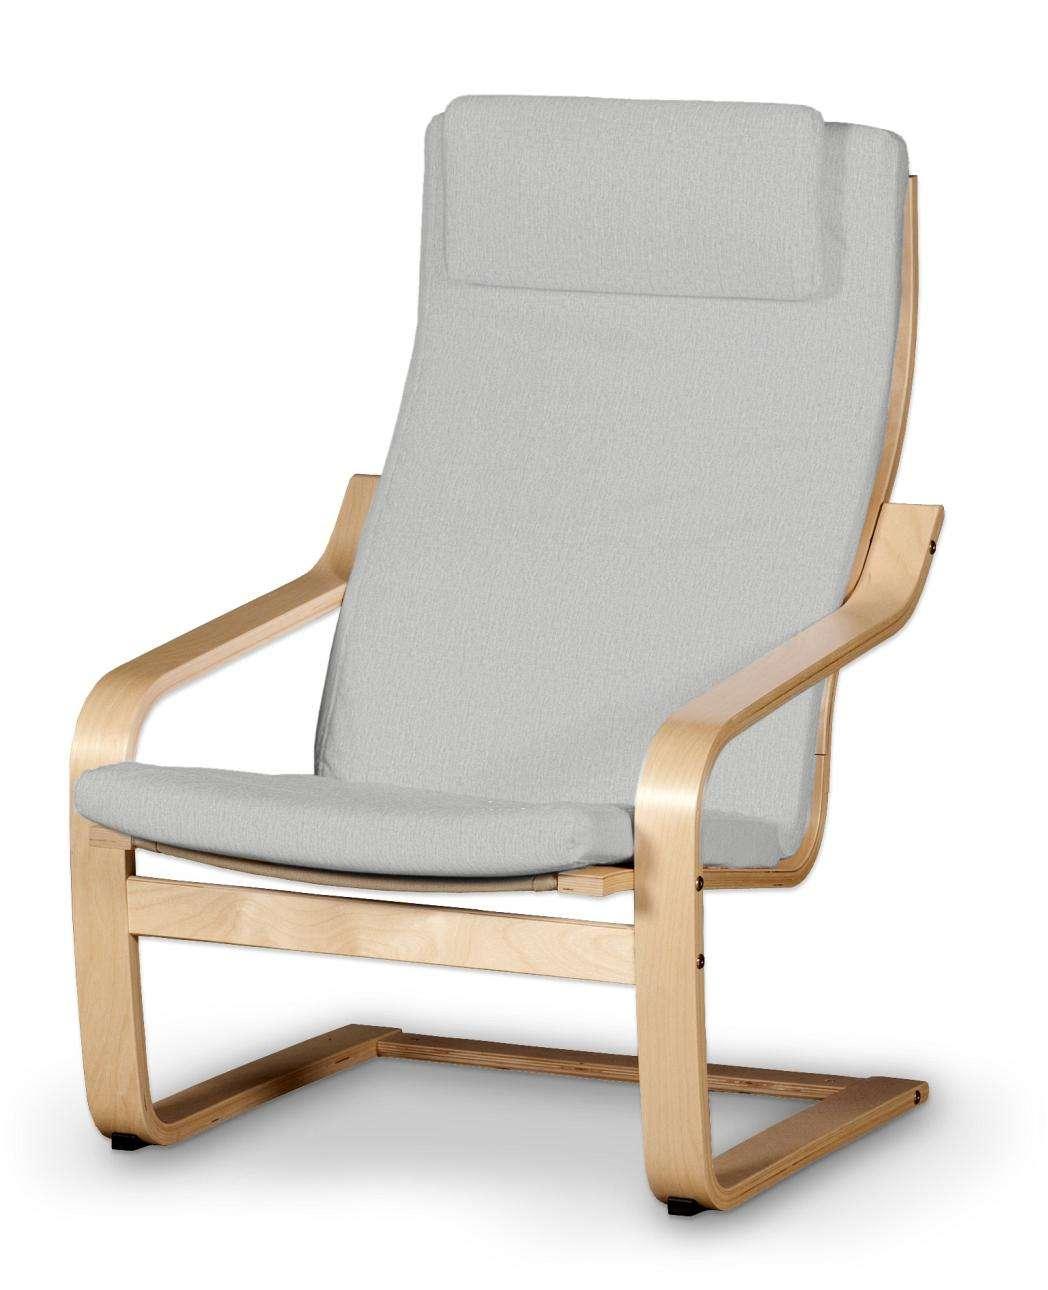 Poduszka na fotel Poäng II Fotel Poäng II w kolekcji Chenille, tkanina: 702-23